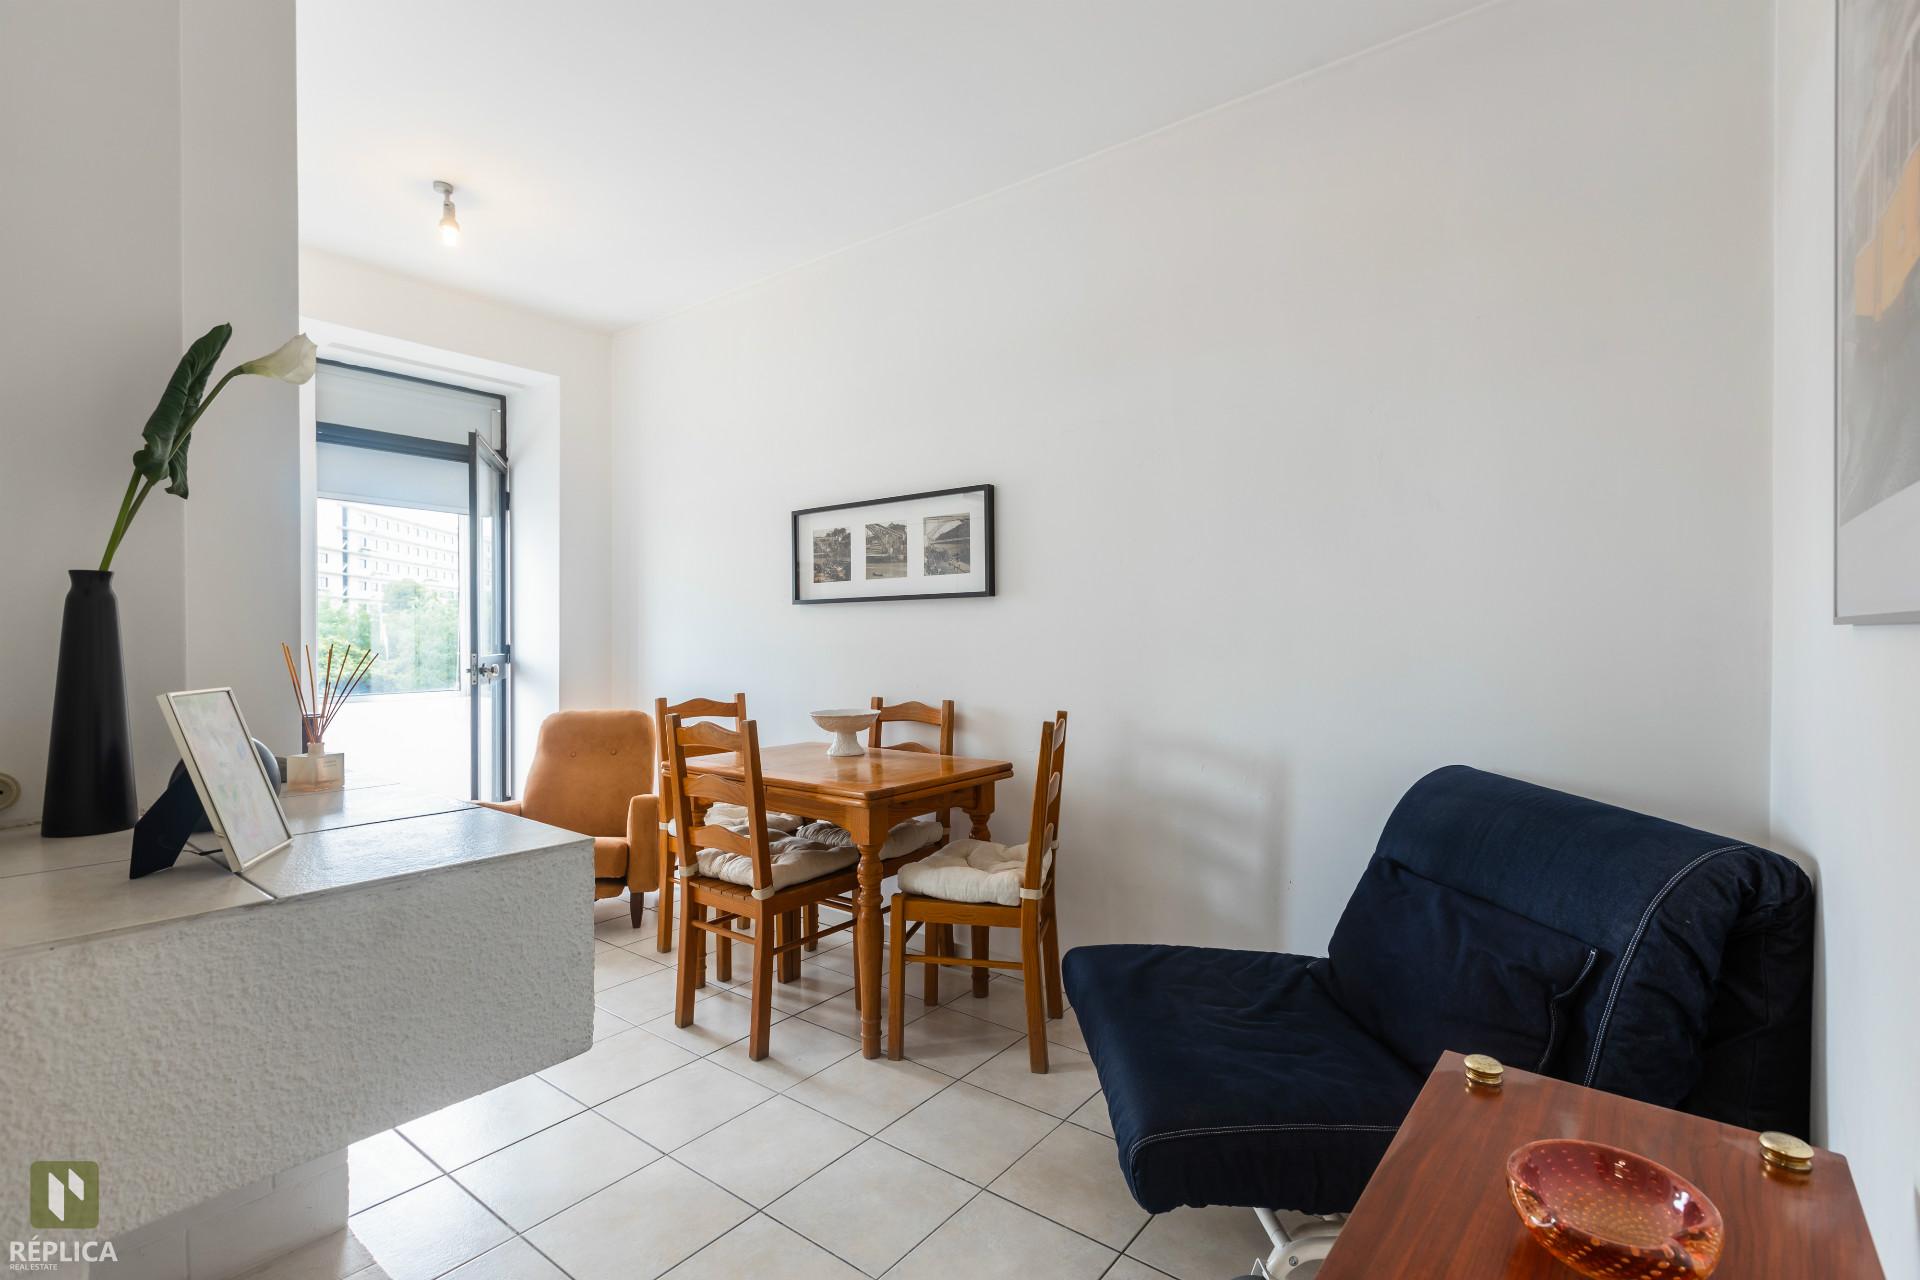 Apartamento T1, Porto, Lordelo do Ouro e Massarelos, Arrendamento, Porto, Porto